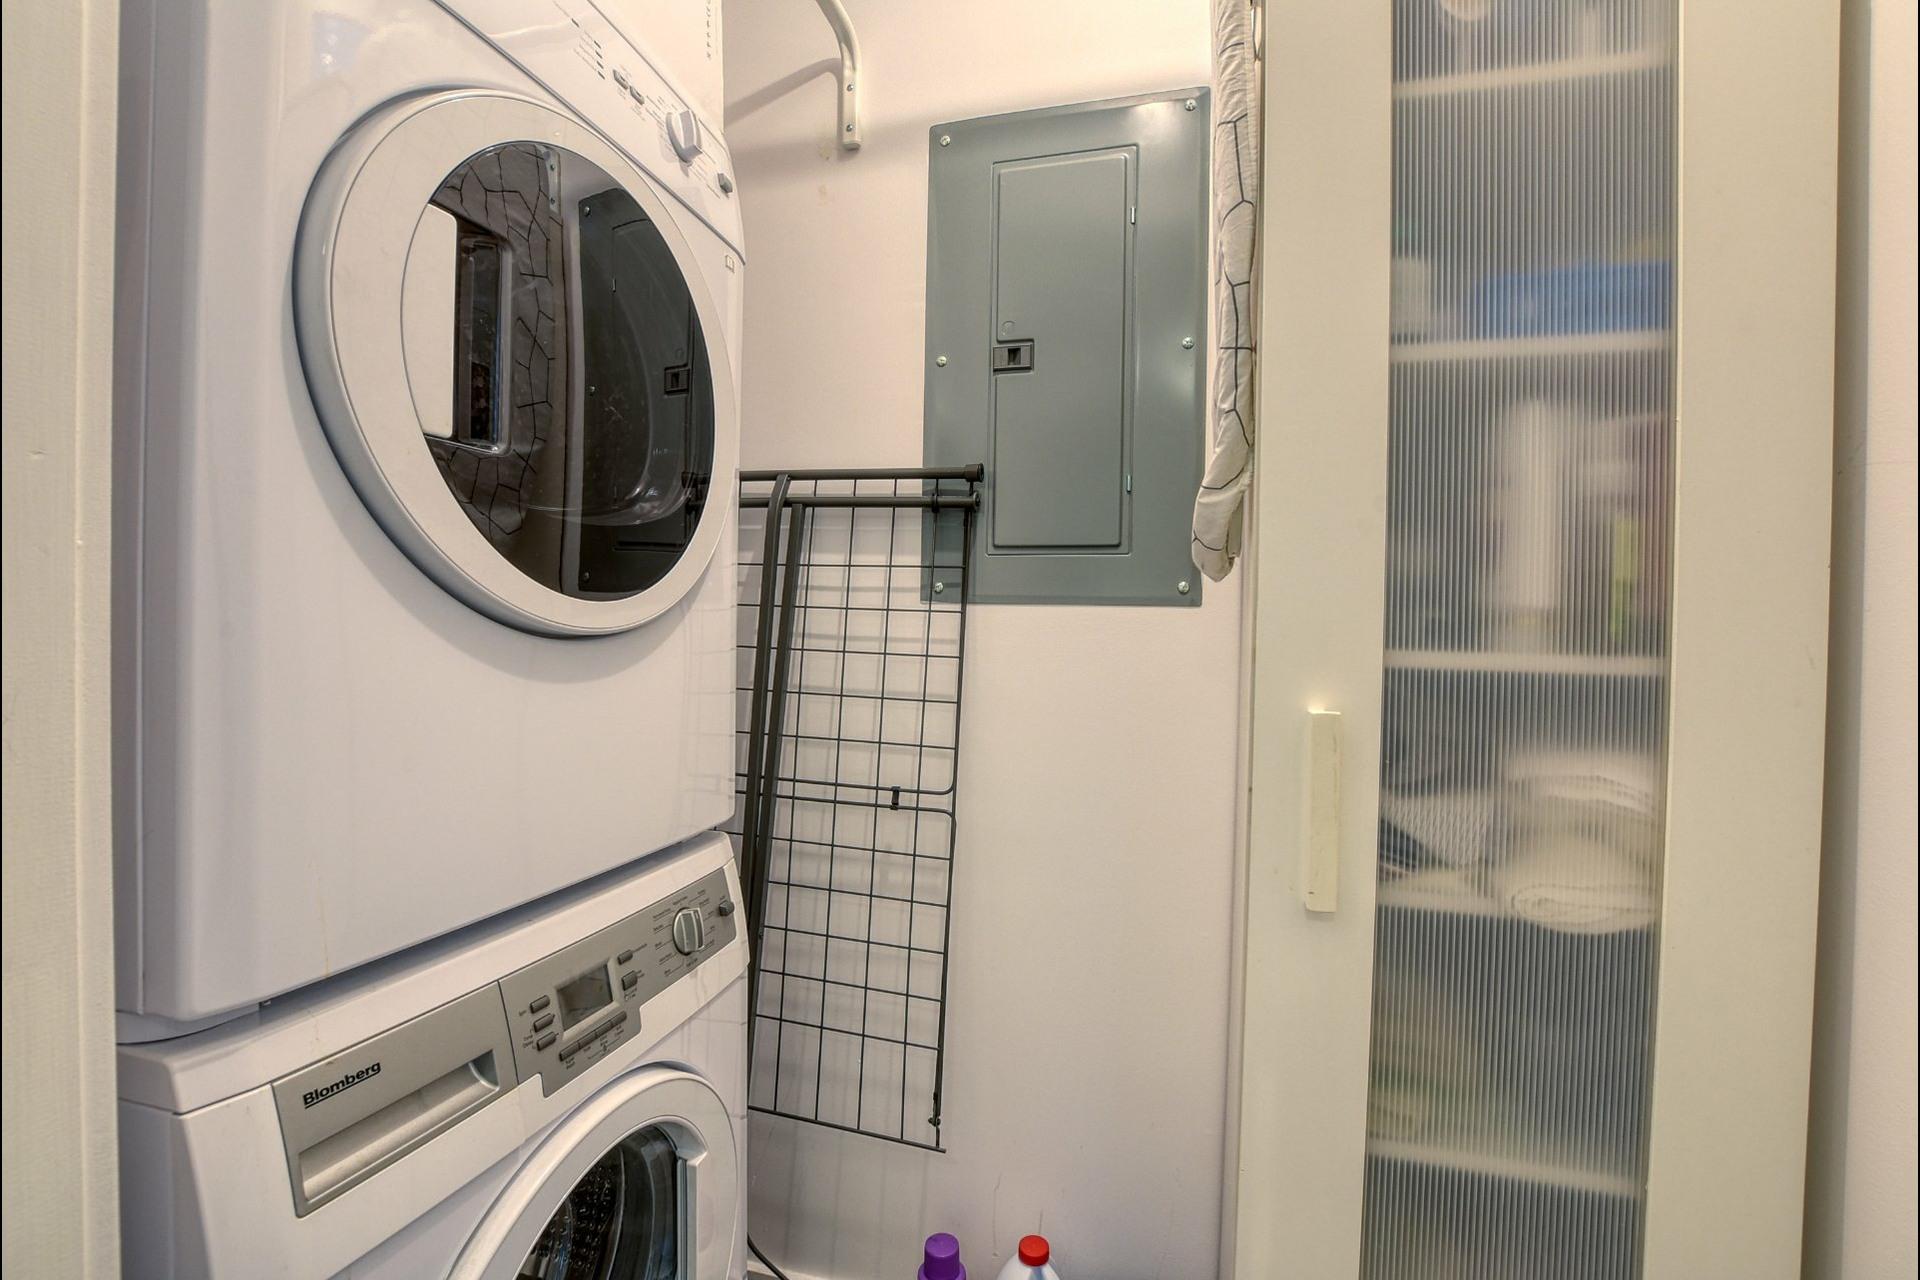 image 14 - Appartement À vendre Ahuntsic-Cartierville Montréal  - 4 pièces